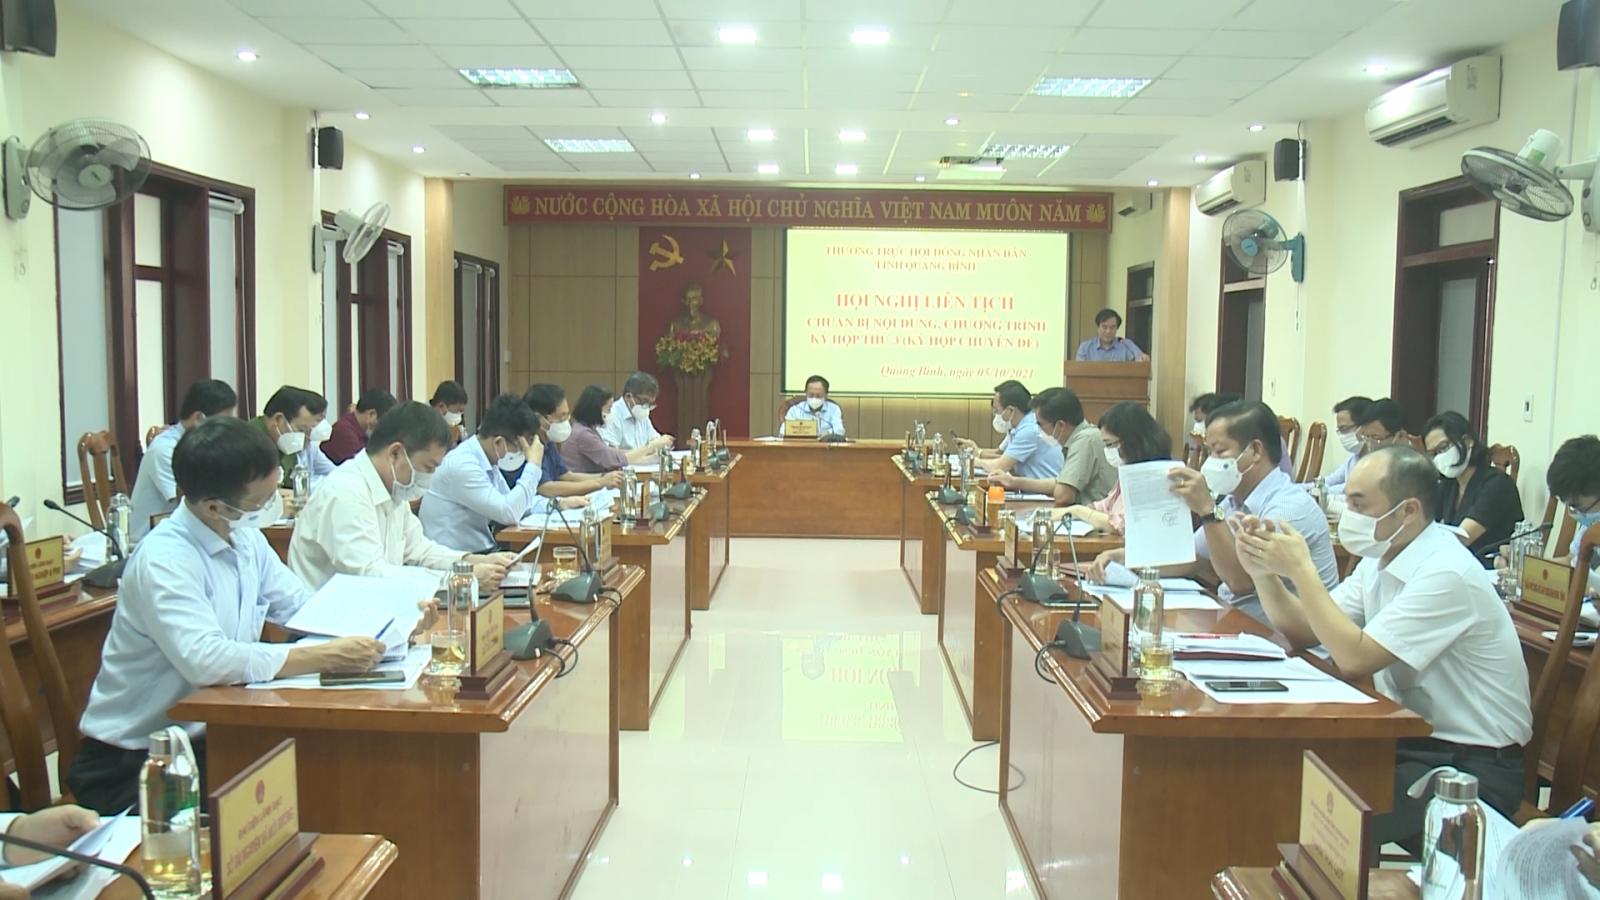 Hội nghị liên tịch chuẩn bị kỳ họp thứ 3, HĐND tỉnh khóa XVIII